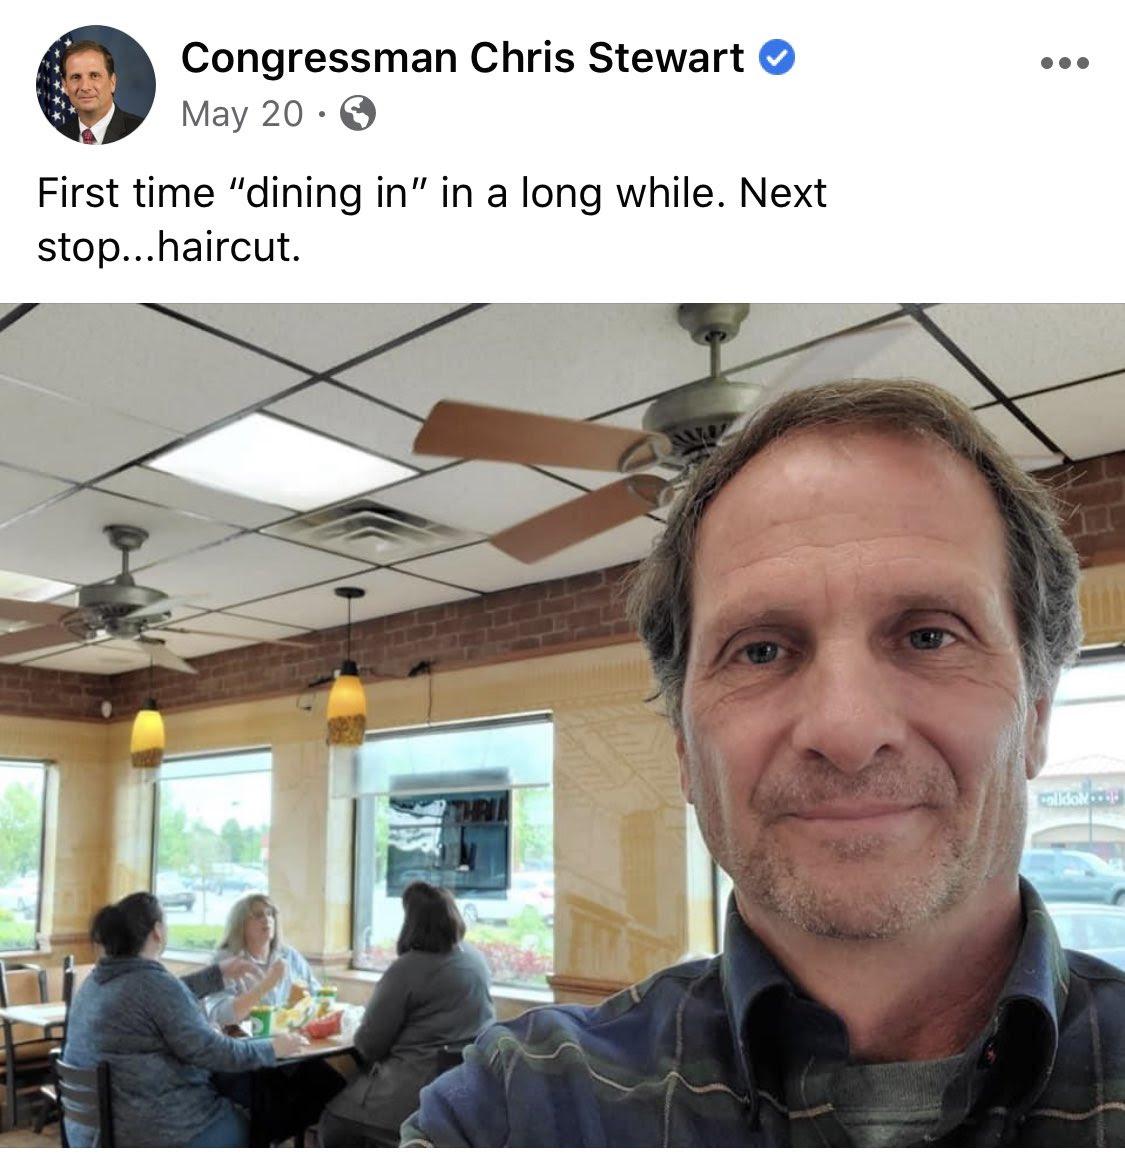 Stewart selfie